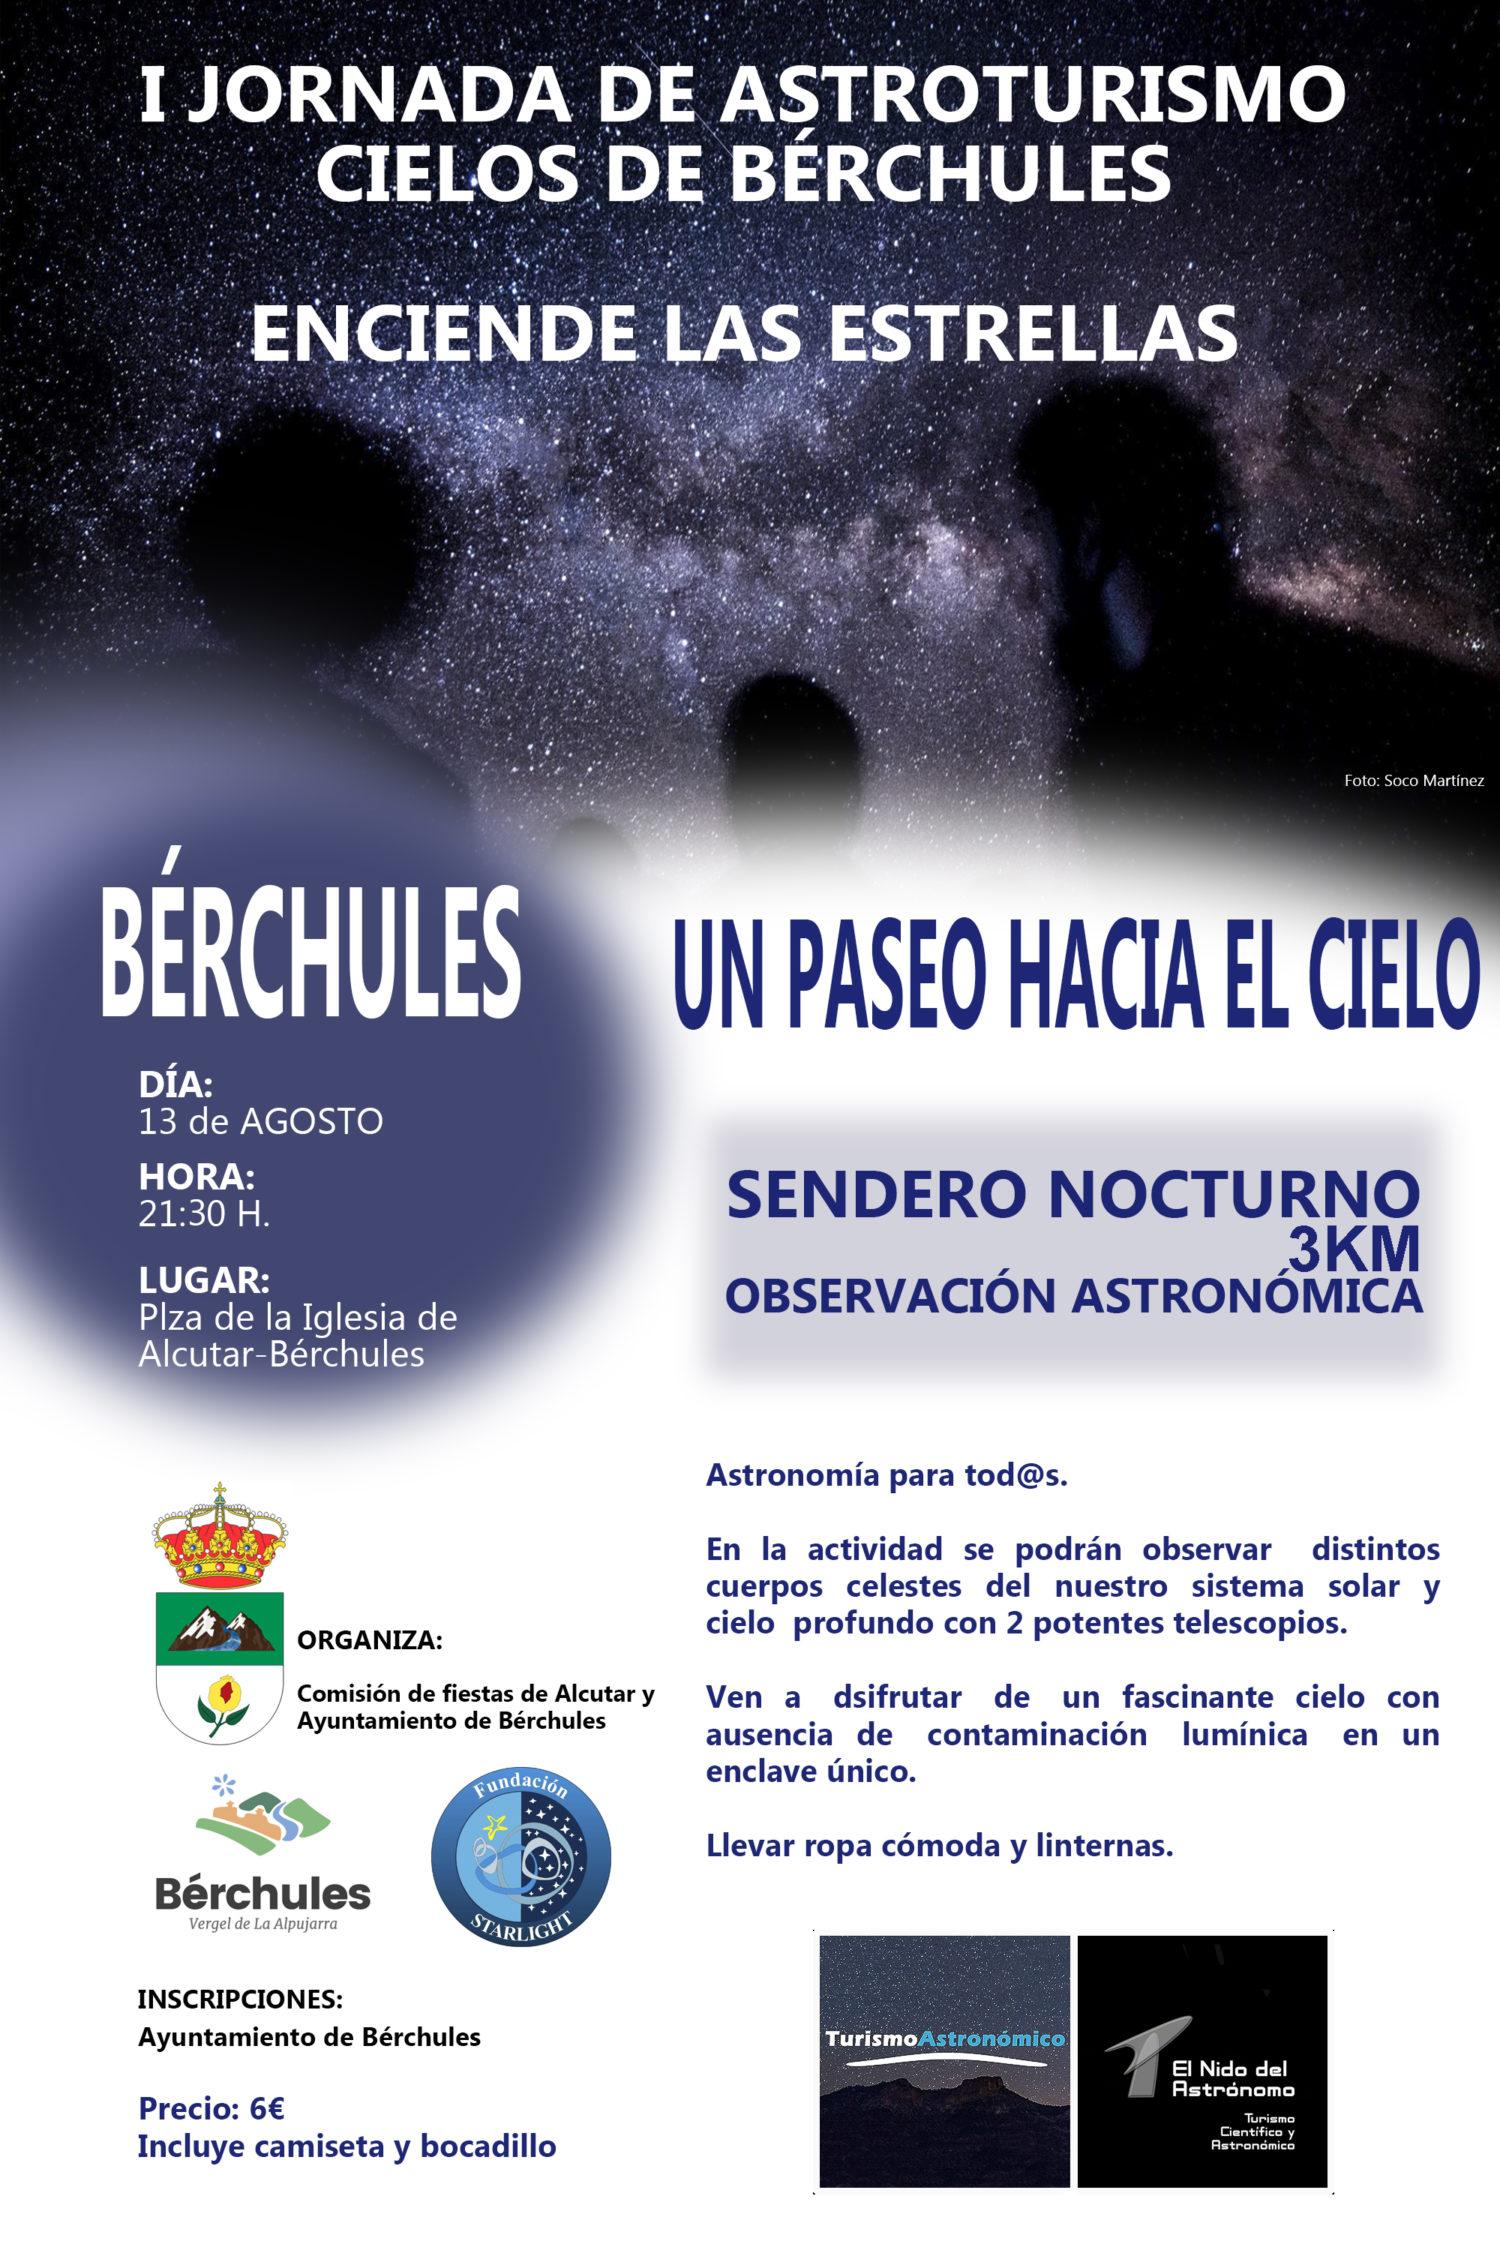 I JORNADA DE ASTROTURISMO CIELOS DE BERCHULES